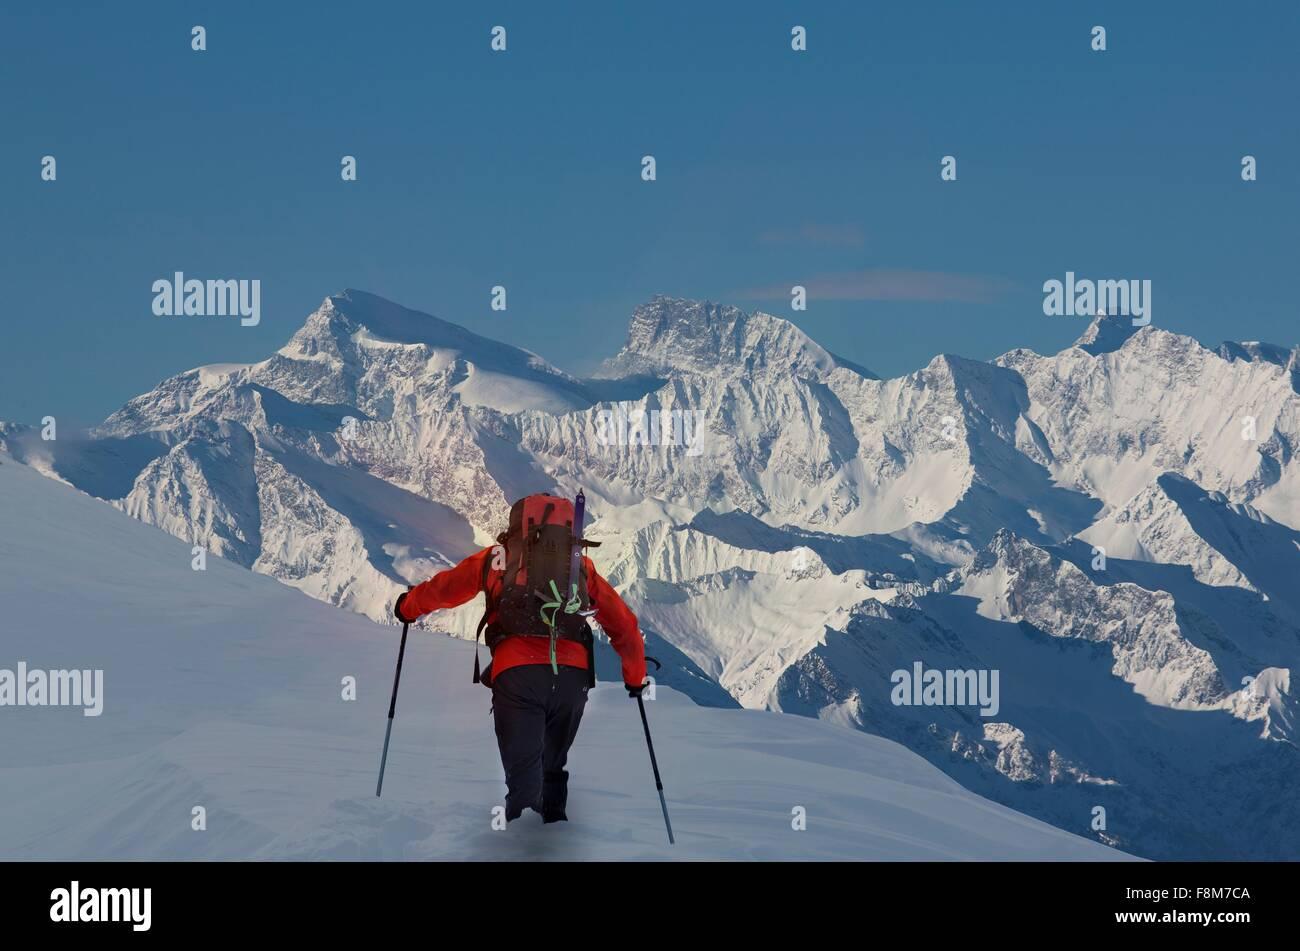 Vista trasera de escalador sube a través de nieve profunda, Alpes Suizos, Cantón Wallis, Suiza Imagen De Stock